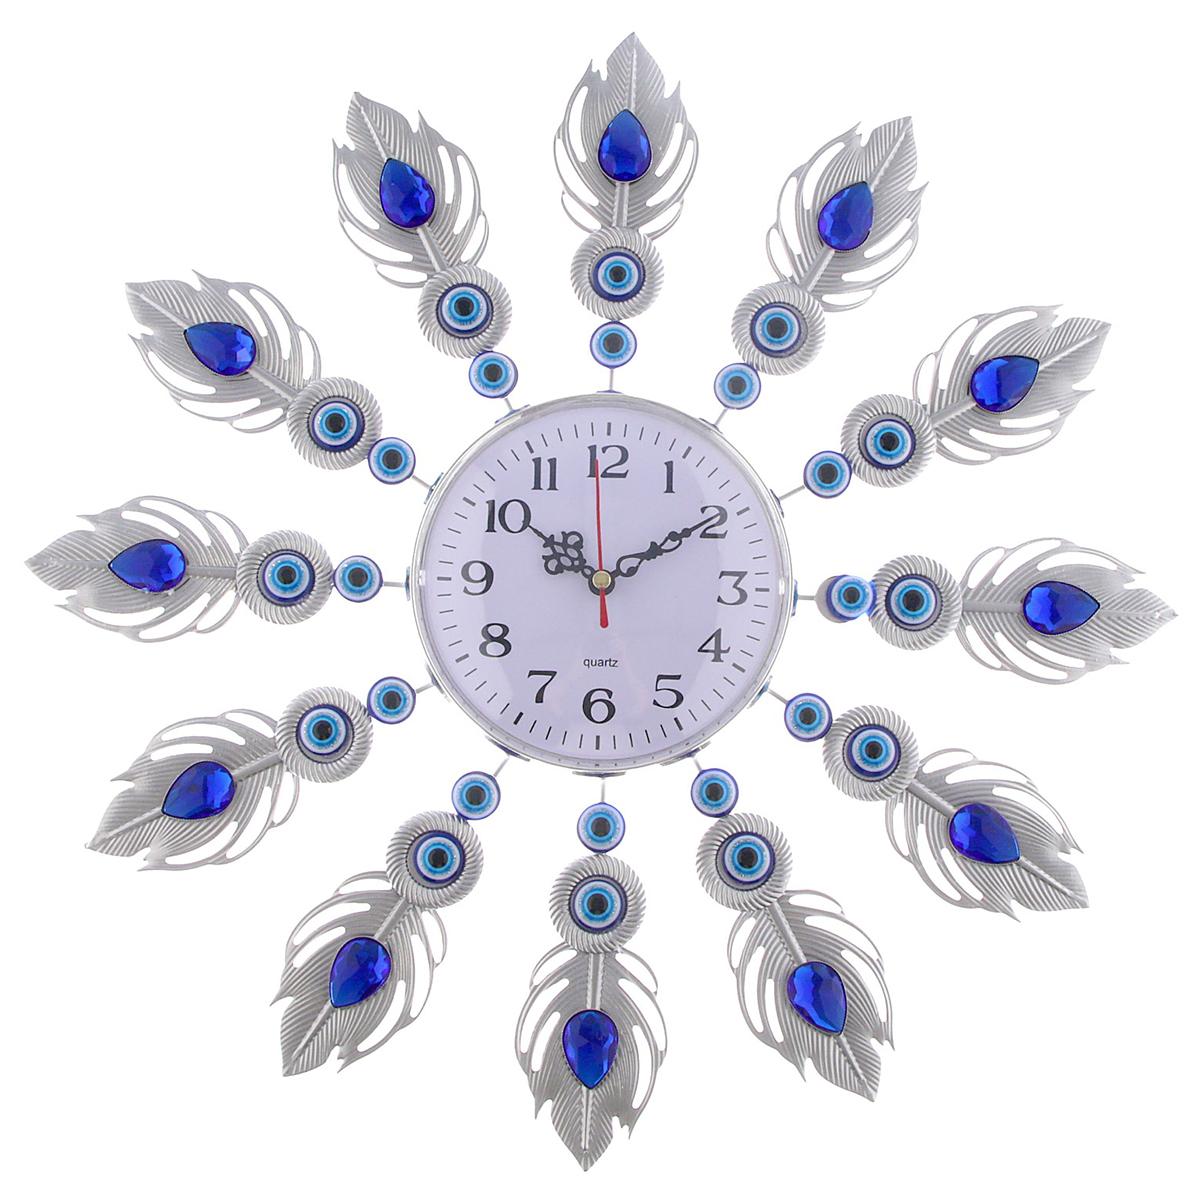 Часы настенные Ажур Турецкие мотивы. Жар-птица, диаметр 39 см2763530Каждому хозяину периодически приходит мысль обновить свою квартиру, сделать ремонт, перестановку или кардинально поменять внешний вид каждой комнаты. — привлекательная деталь, которая поможет воплотить вашу интерьерную идею, создать неповторимую атмосферу в вашем доме. Окружите себя приятными мелочами, пусть они радуют глаз и дарят гармонию.Часы настенные серии Ажур Турецкие мотивы, Жар-птица, серебр+син+гол, d=39см 2763530